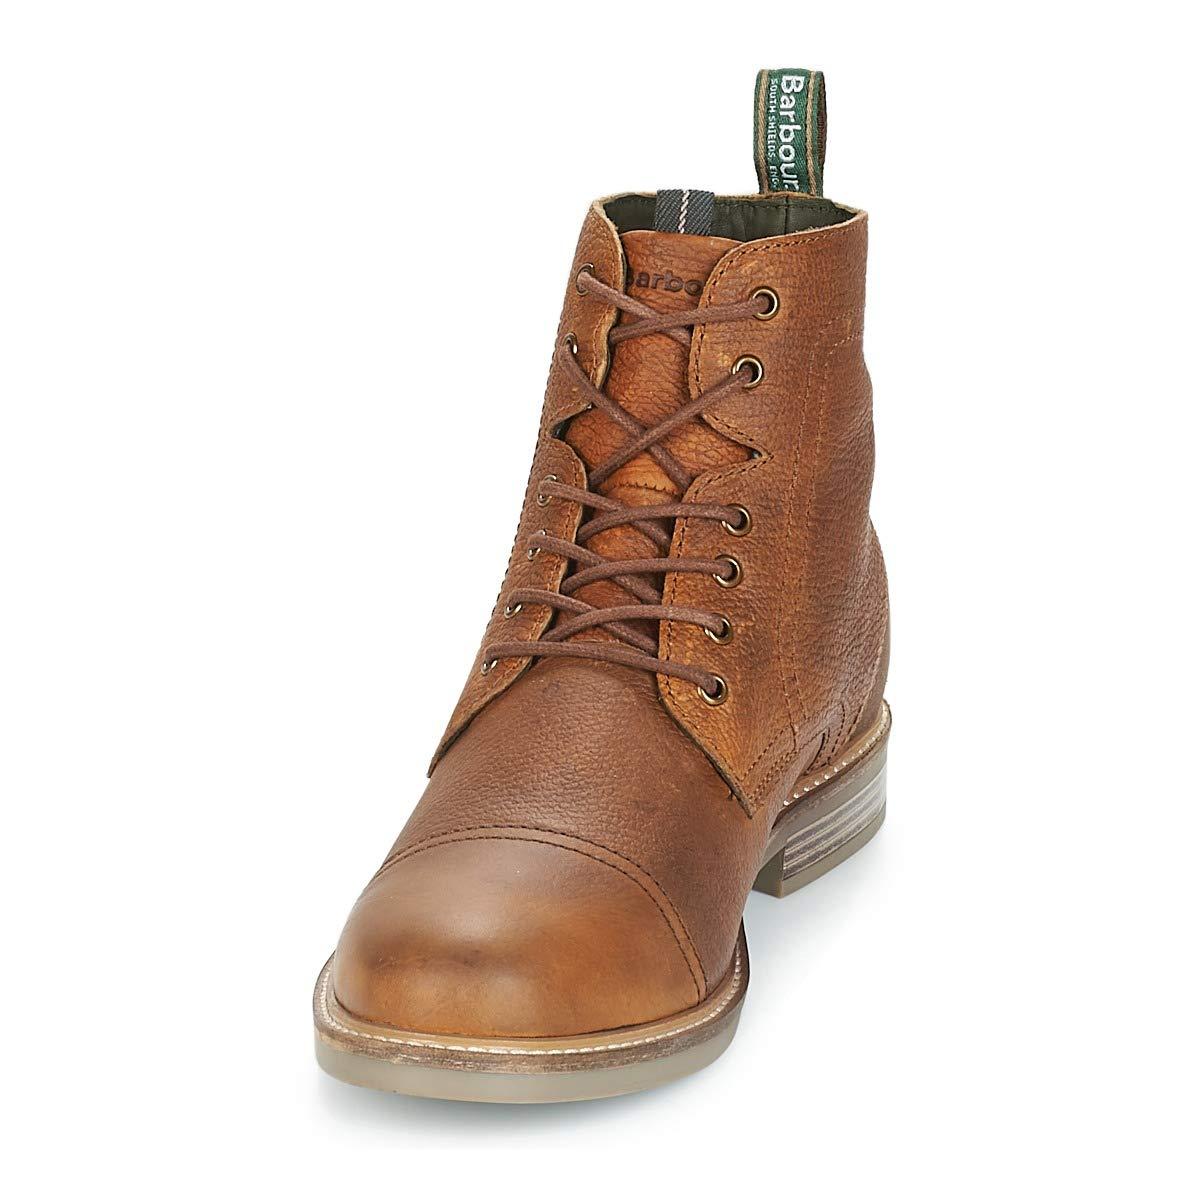 74a1ed1ccd4 Barbour Dalton Boots Tan 8 UK: Amazon.co.uk: Shoes & Bags